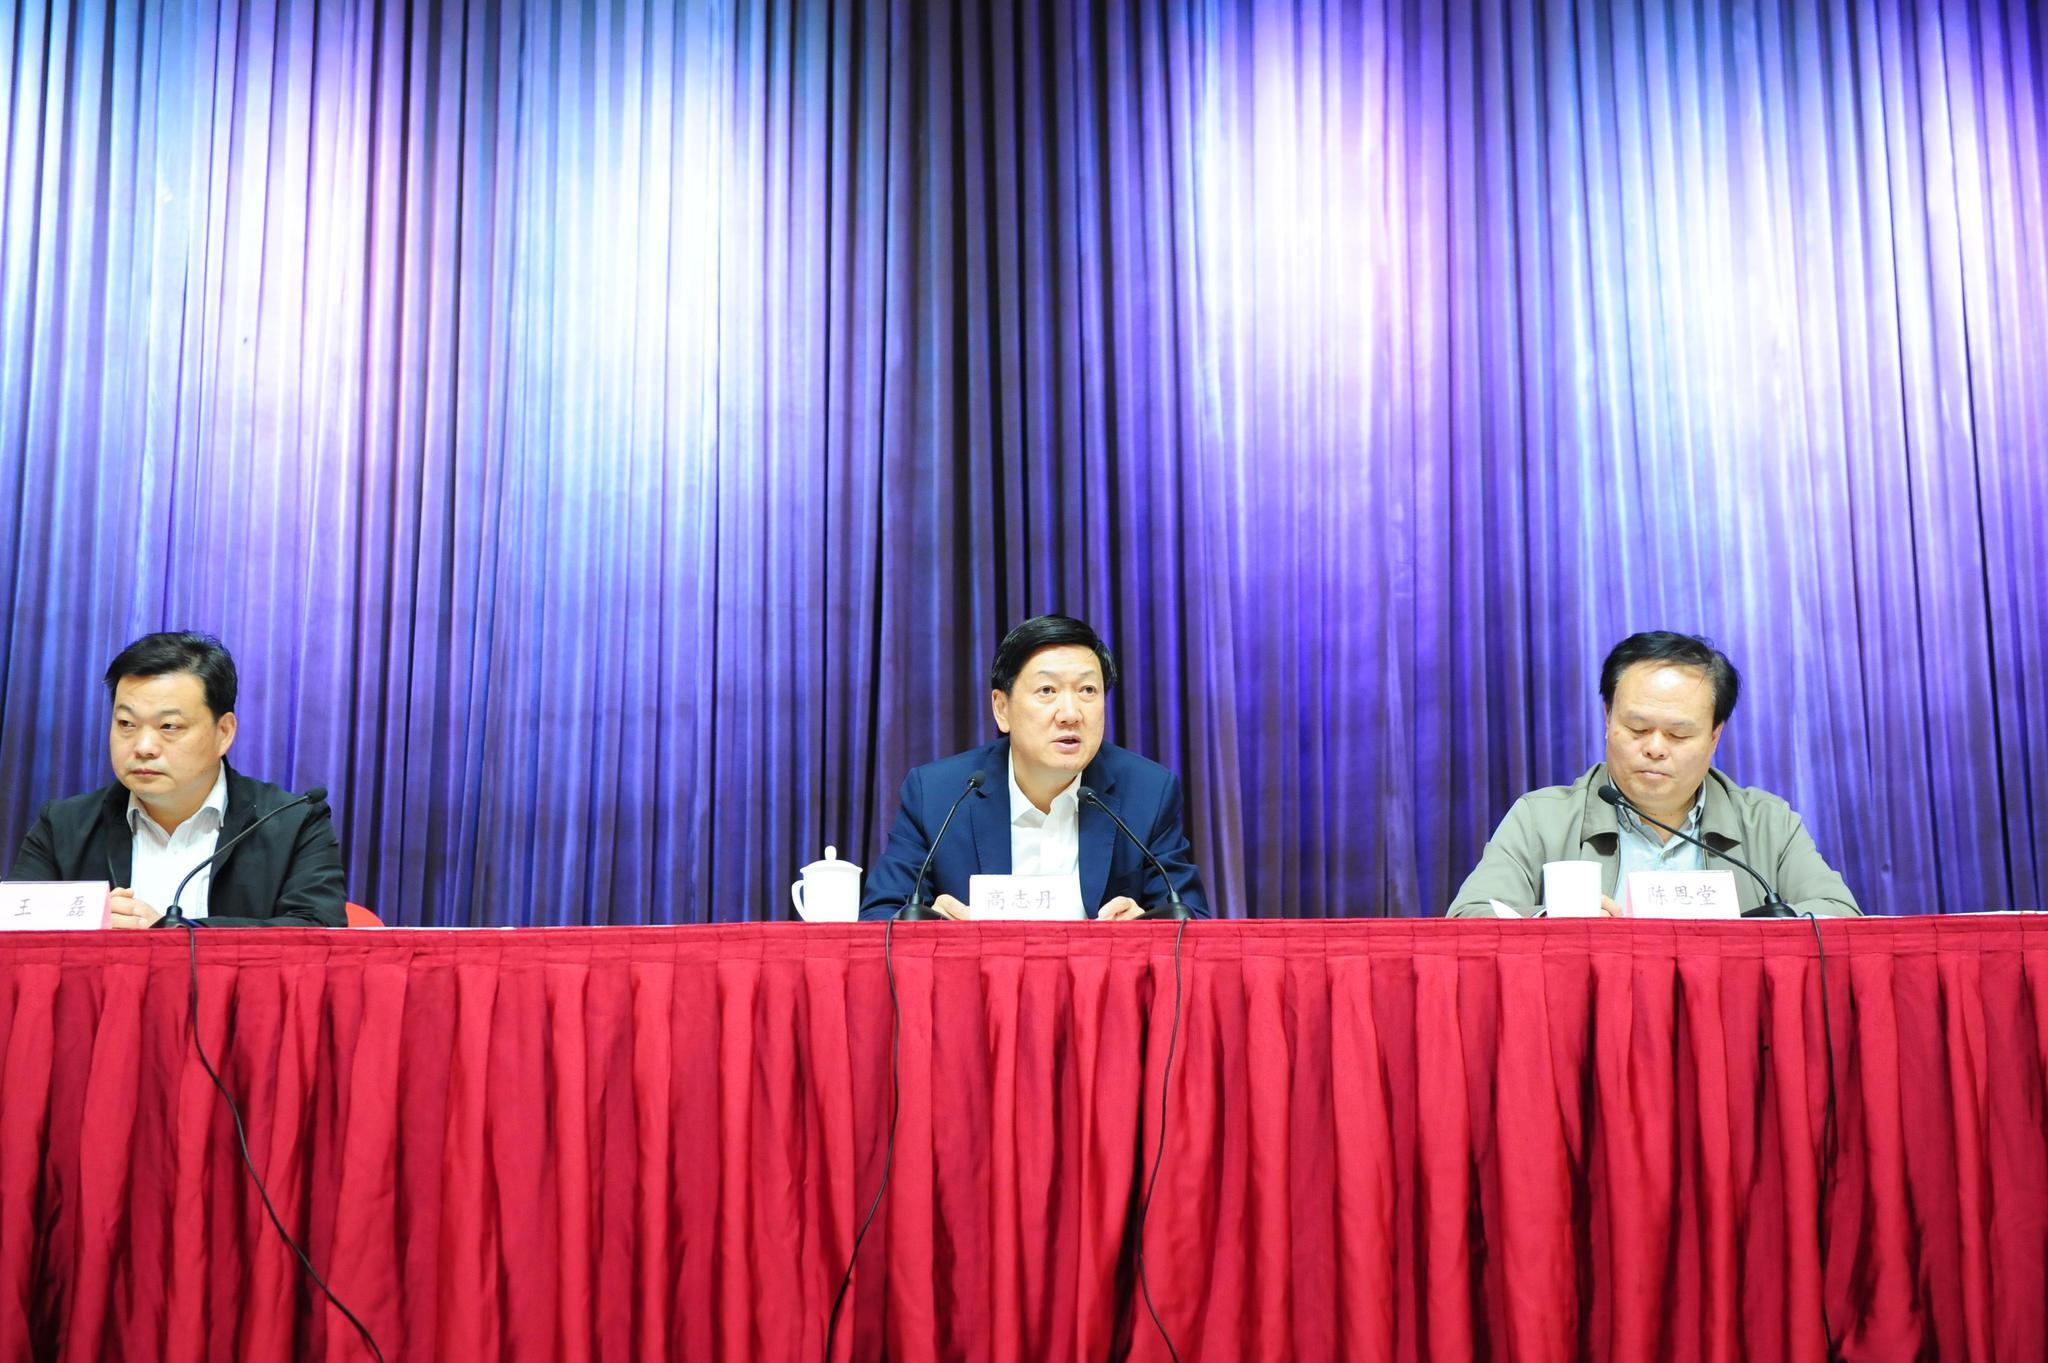 第十四届全国运动会武术赛风赛纪和反兴奋剂工作会议在北京召开